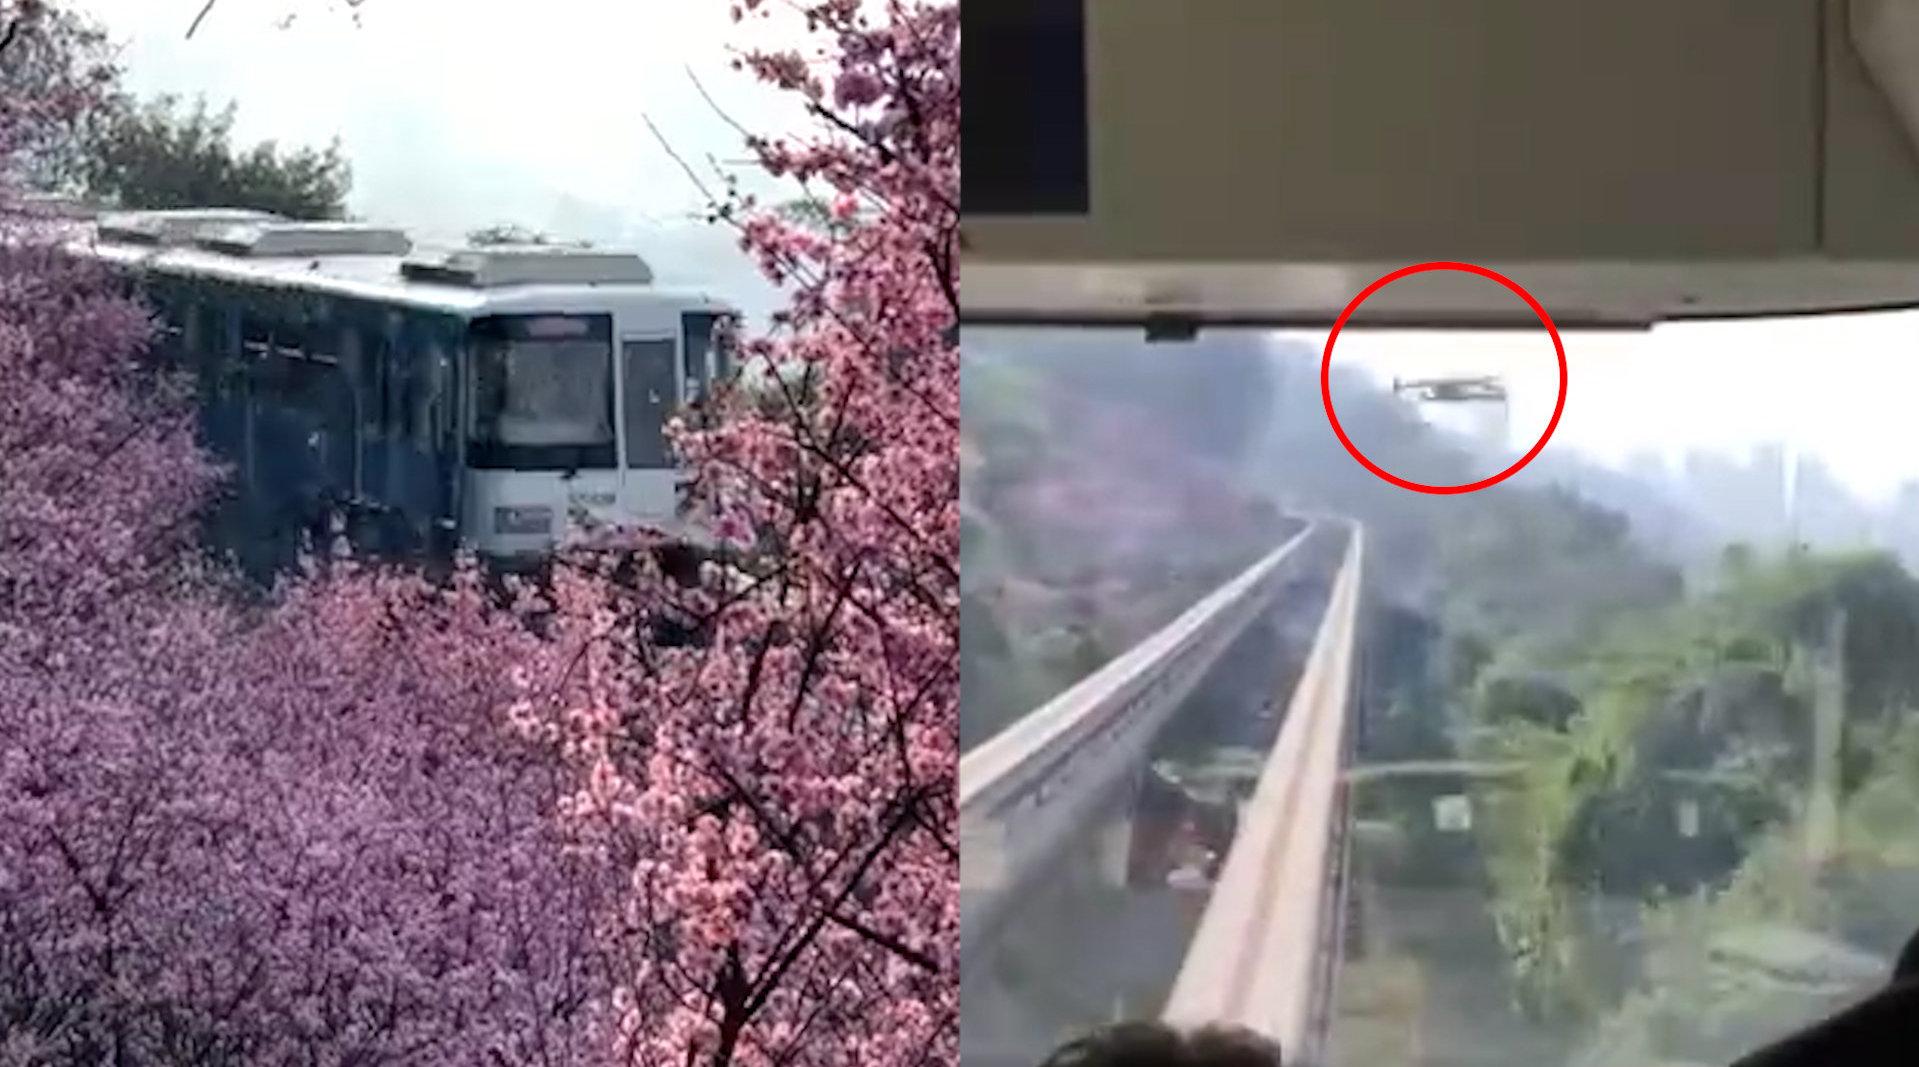 重庆开往春天的轻轨撞上无人机什么情况?官方回应放飞者已违反相关规定